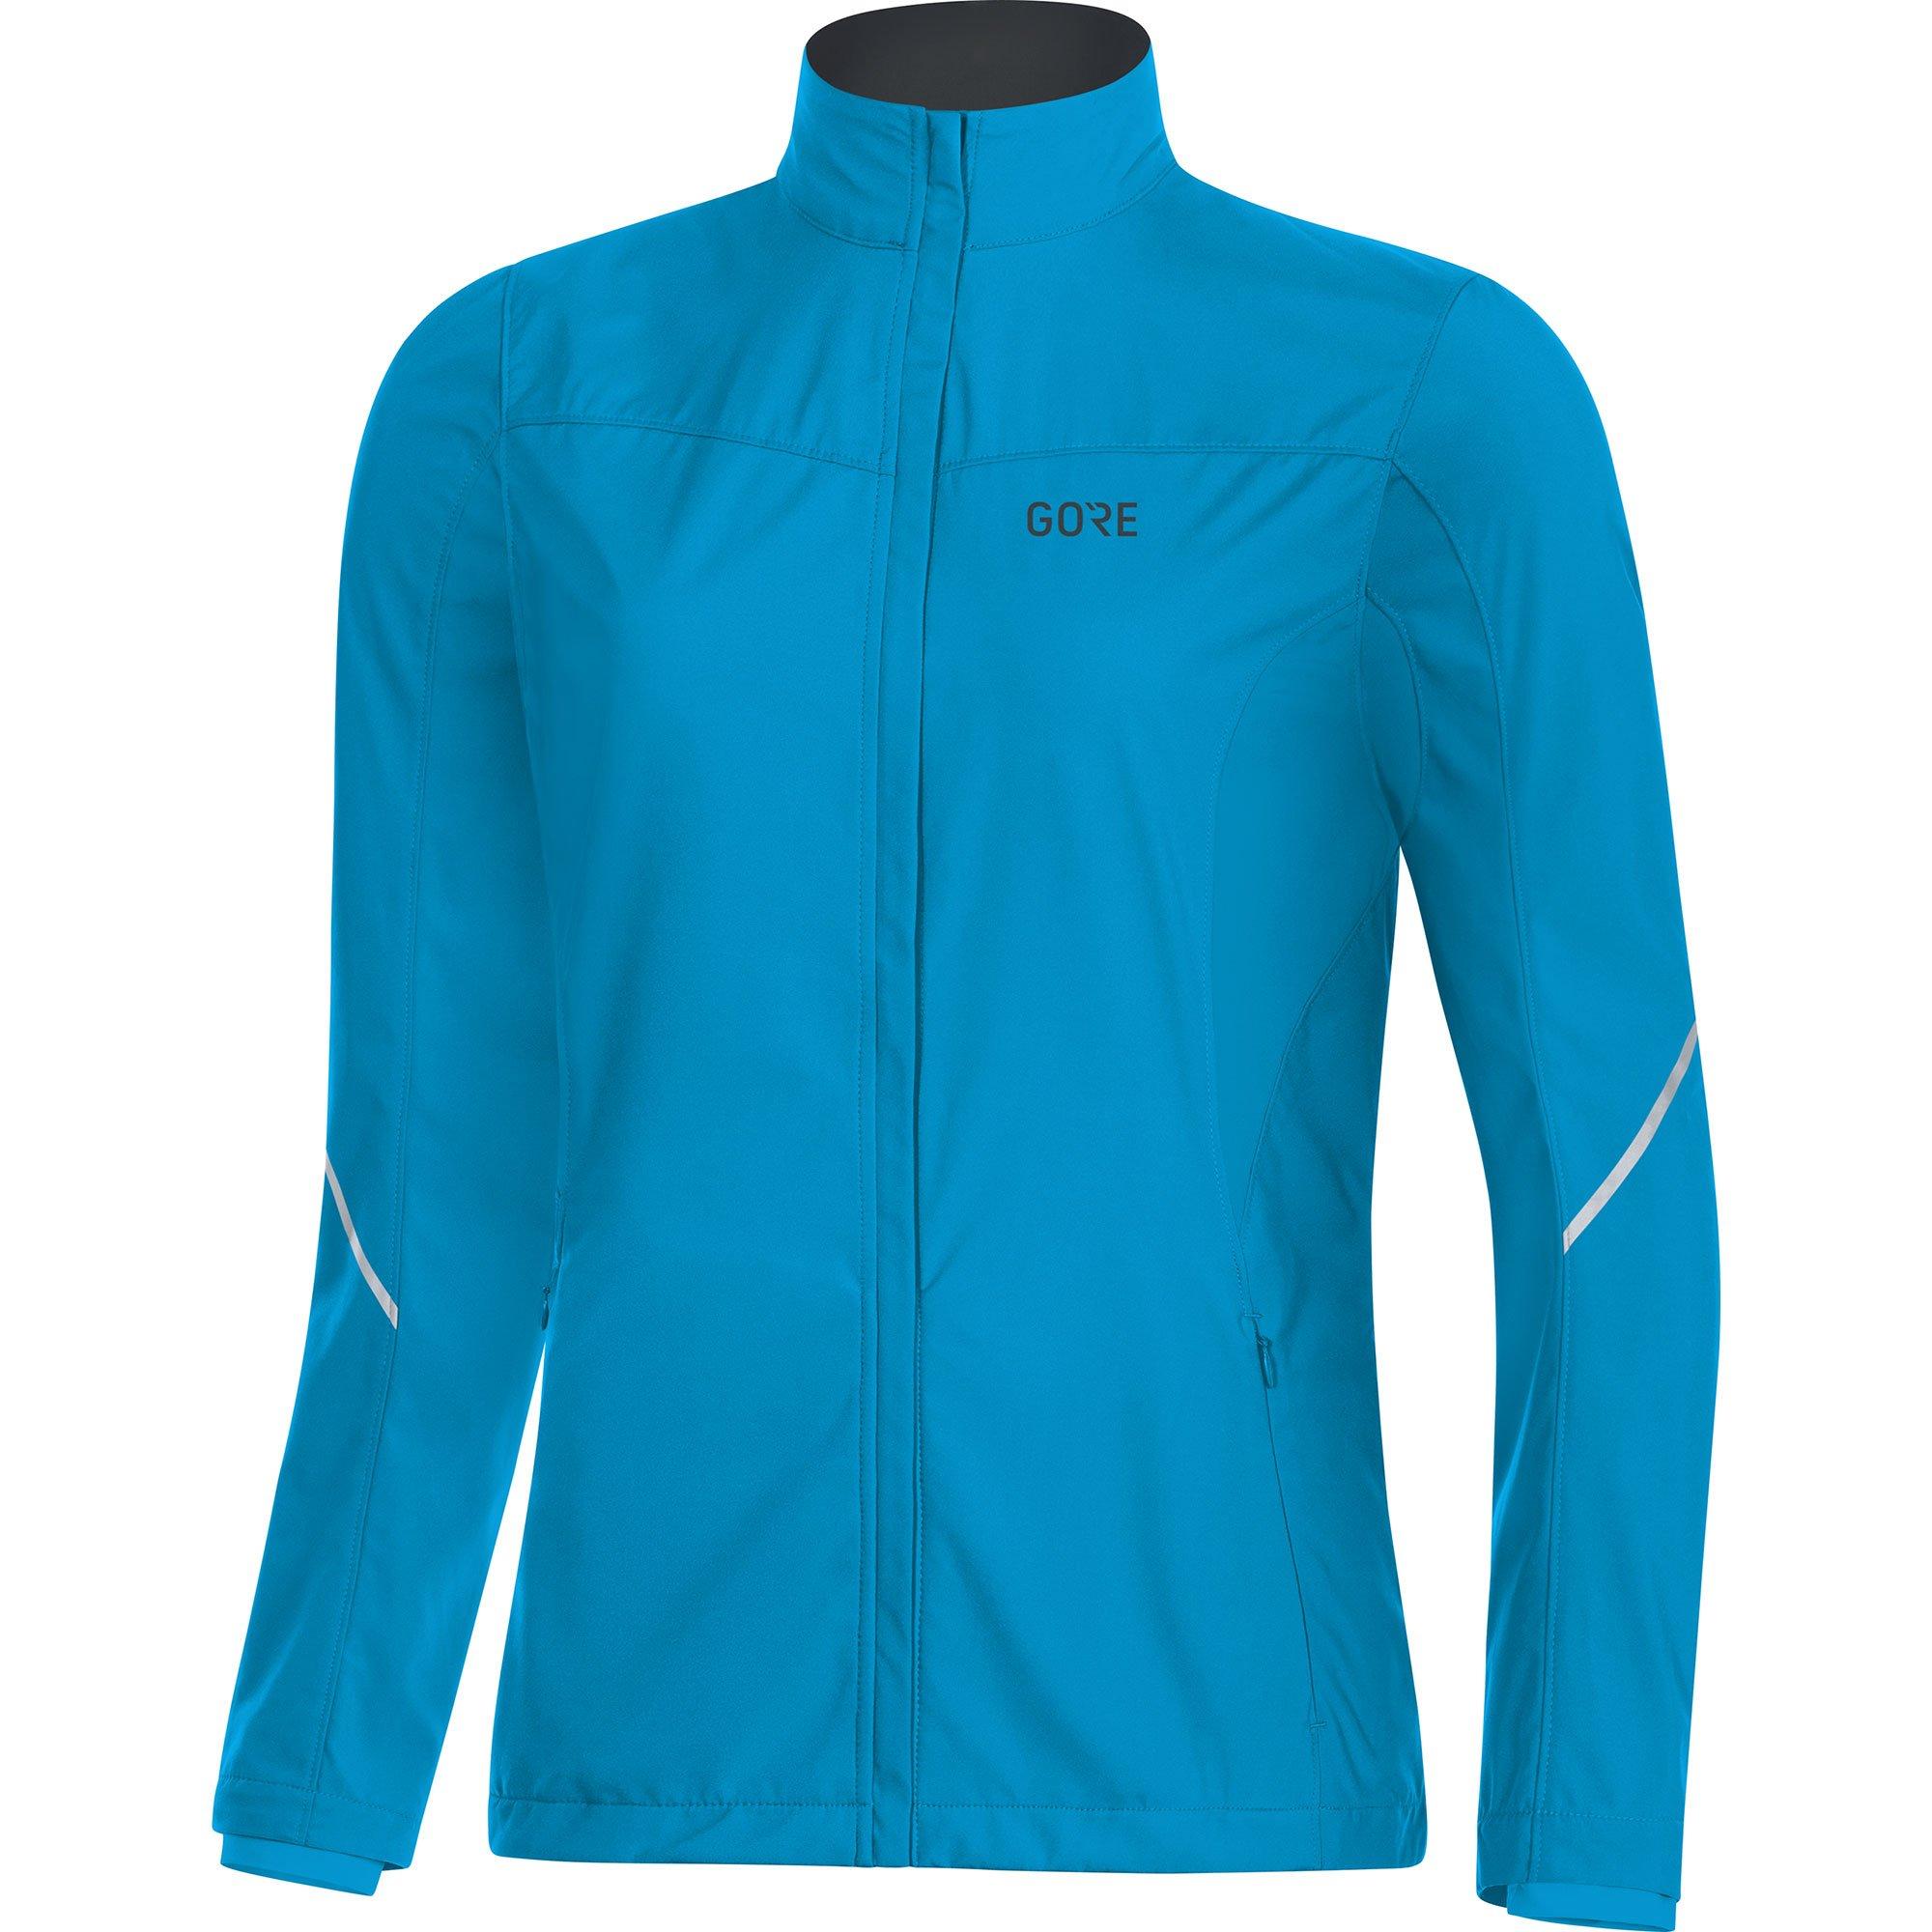 GORE Wear Women's Windproof Running Jacket, R3 Women's Partial WINDSTOPPER Jacket, Size: L, Color: Dynamic Cyan, 100081 by GORE WEAR (Image #2)